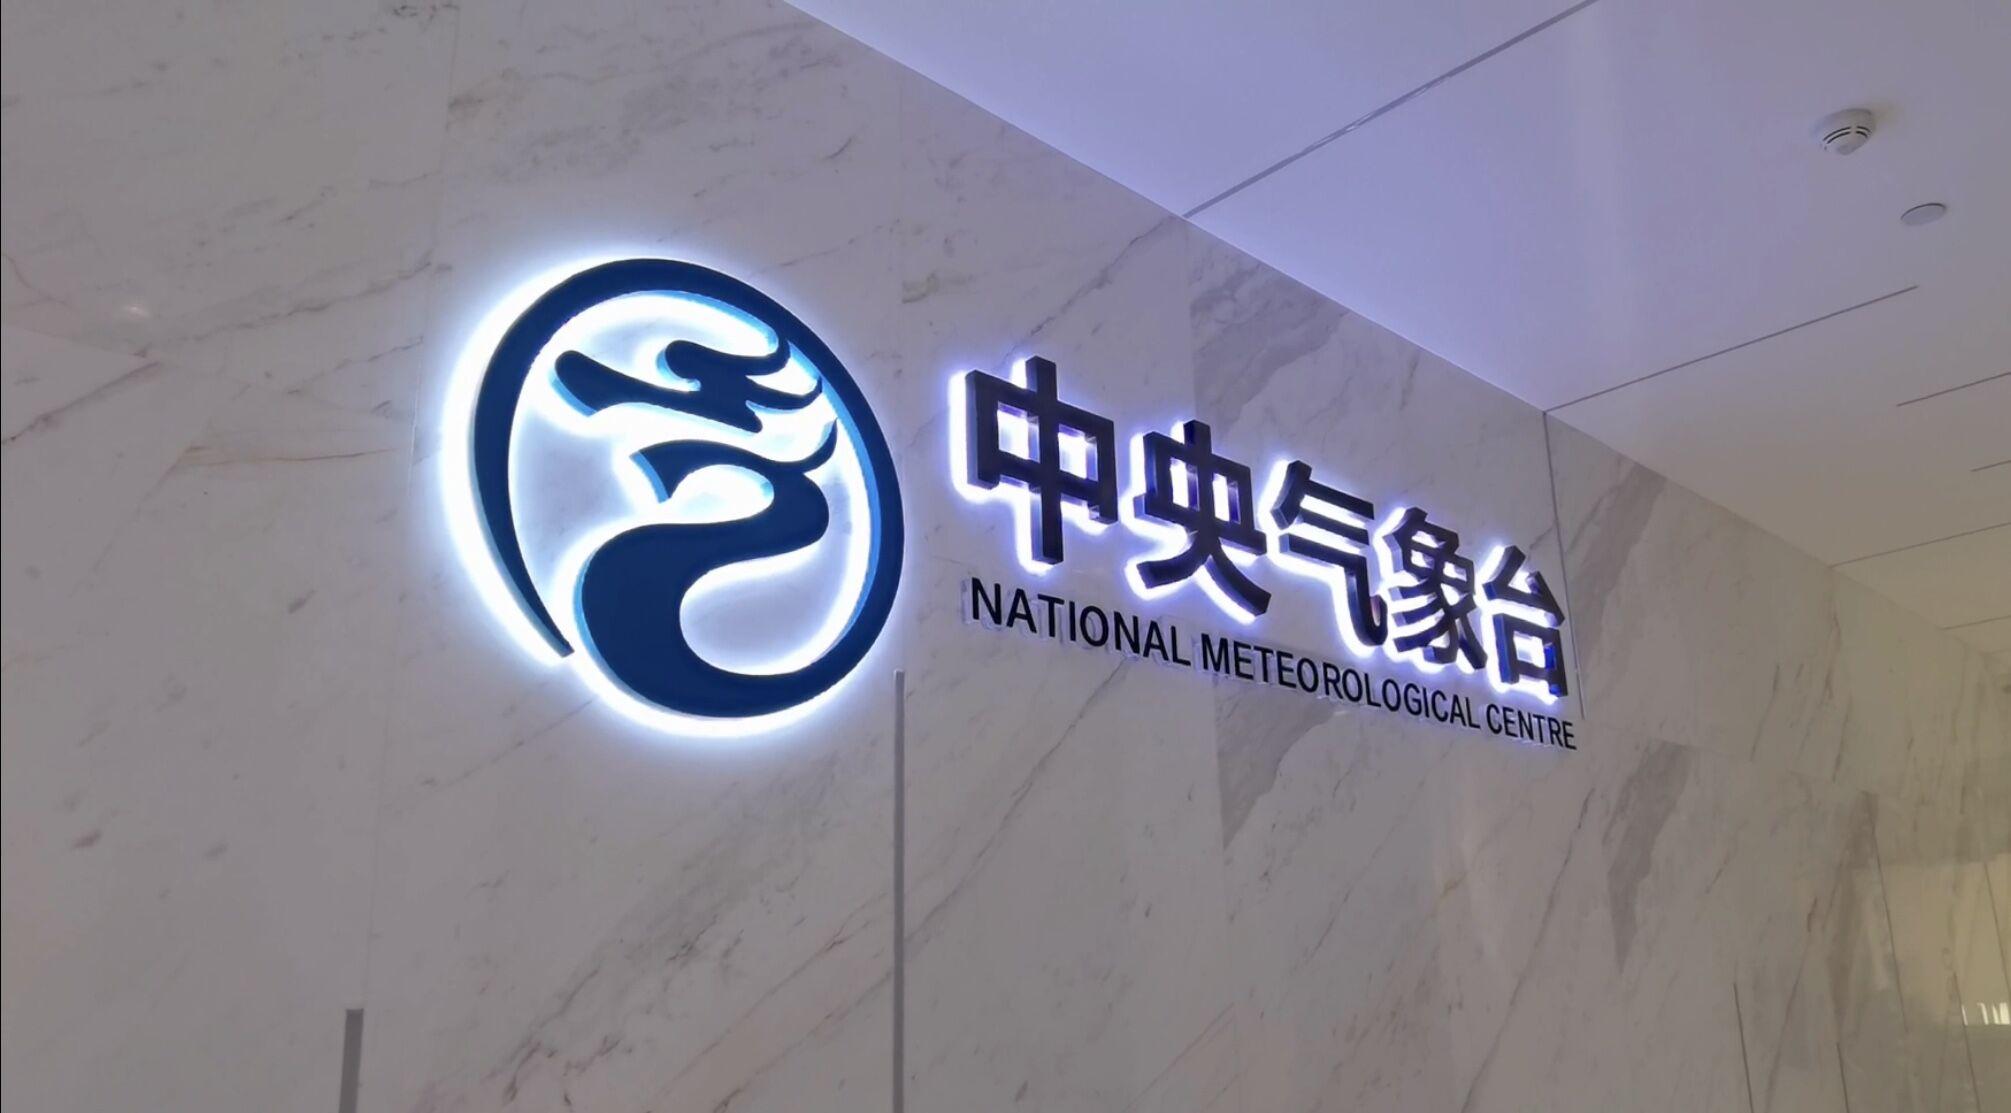 中央气象台召集公众为台风命名